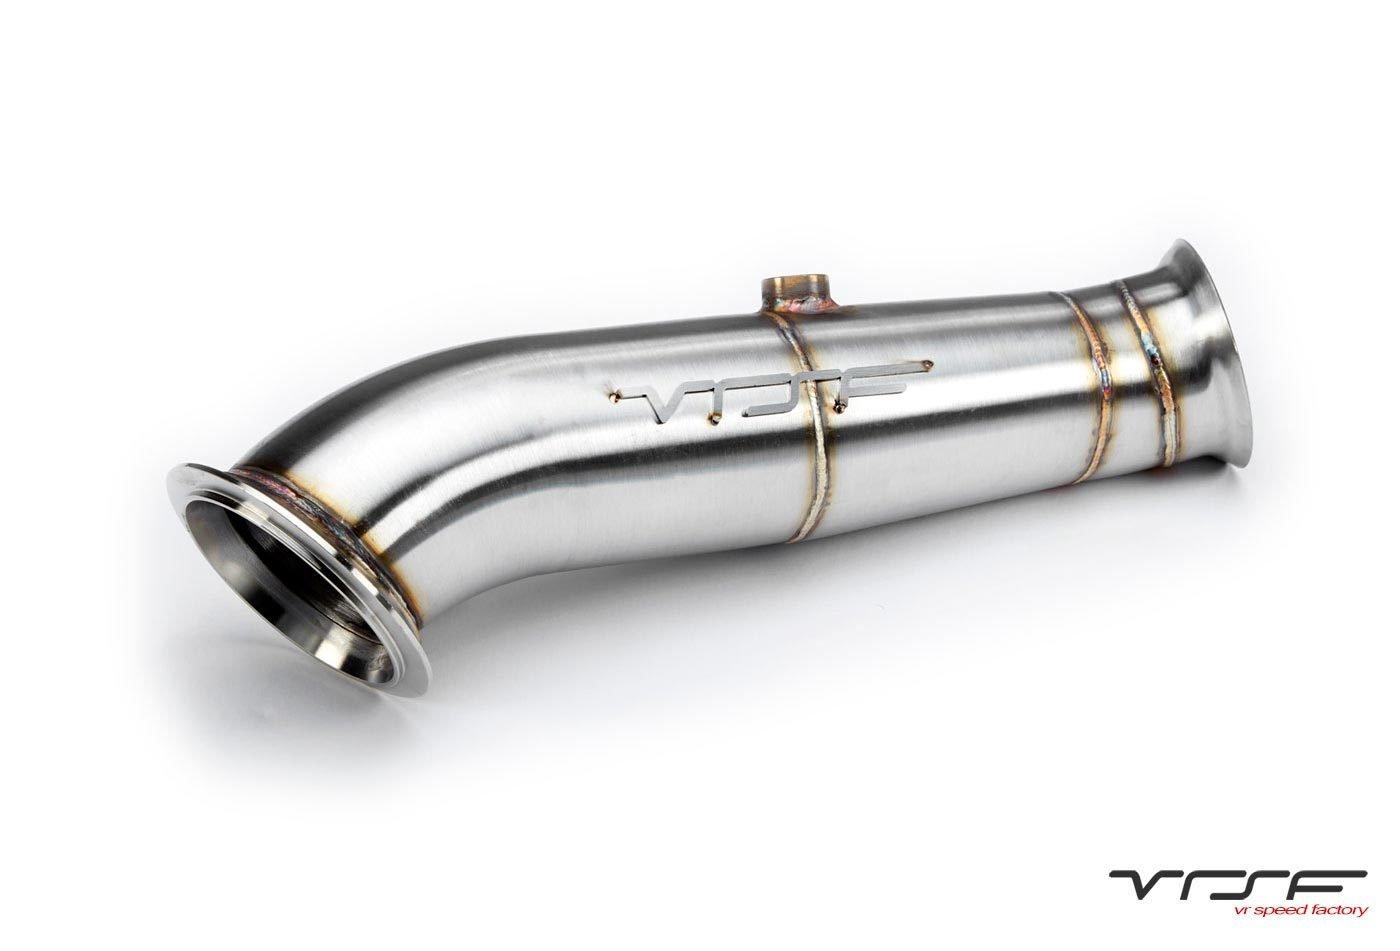 VRSF N55 Downpipe Upgrade for 2012 - 2018 BMW M135i, M235i, M2, 335i & 435i  F20/F21/F22/F30/F32/F33/F87